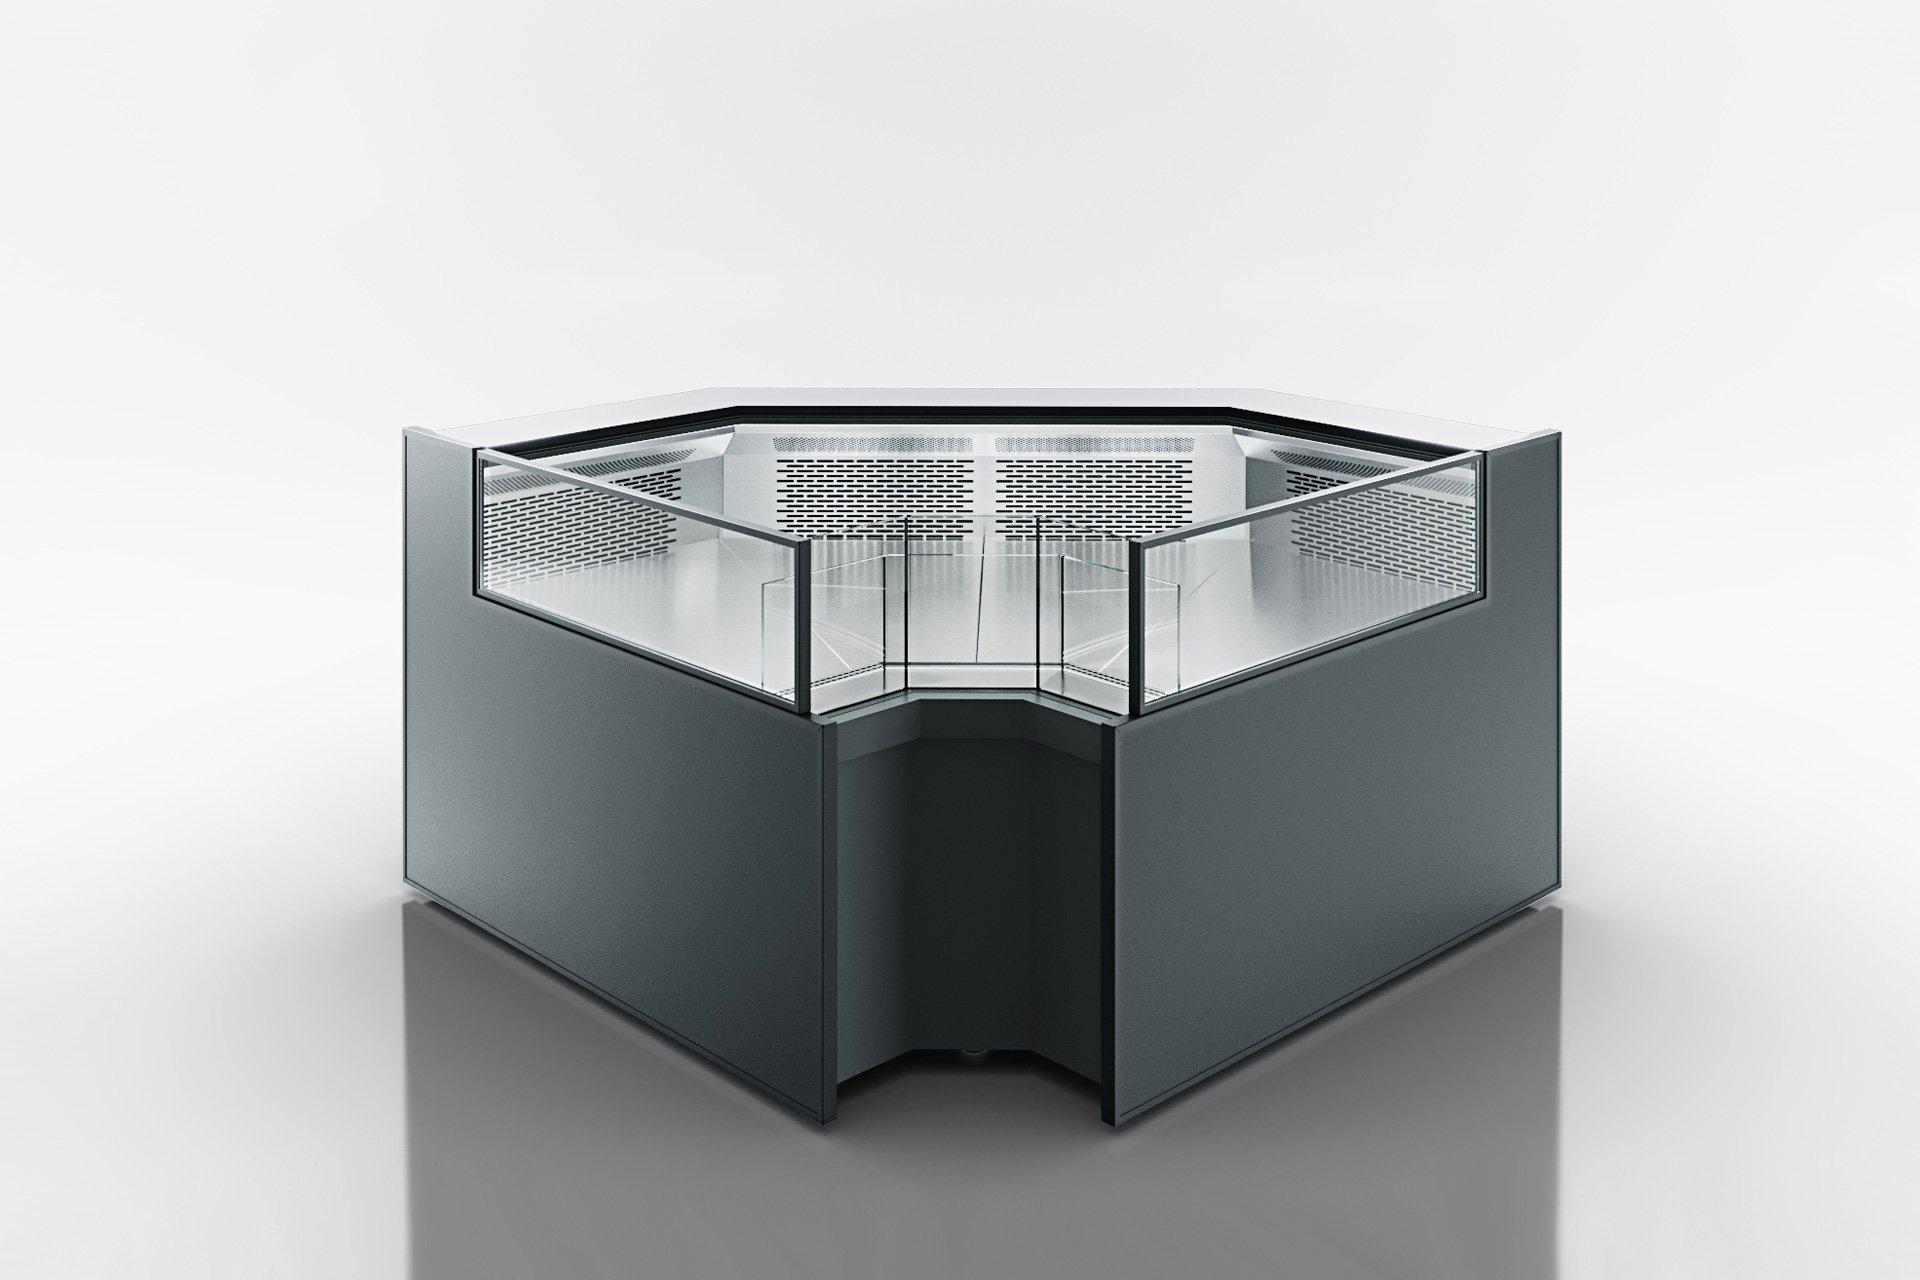 Кутові елементи холодильних вітрин Missouri MC 120 deli self 086-DLM-IS90